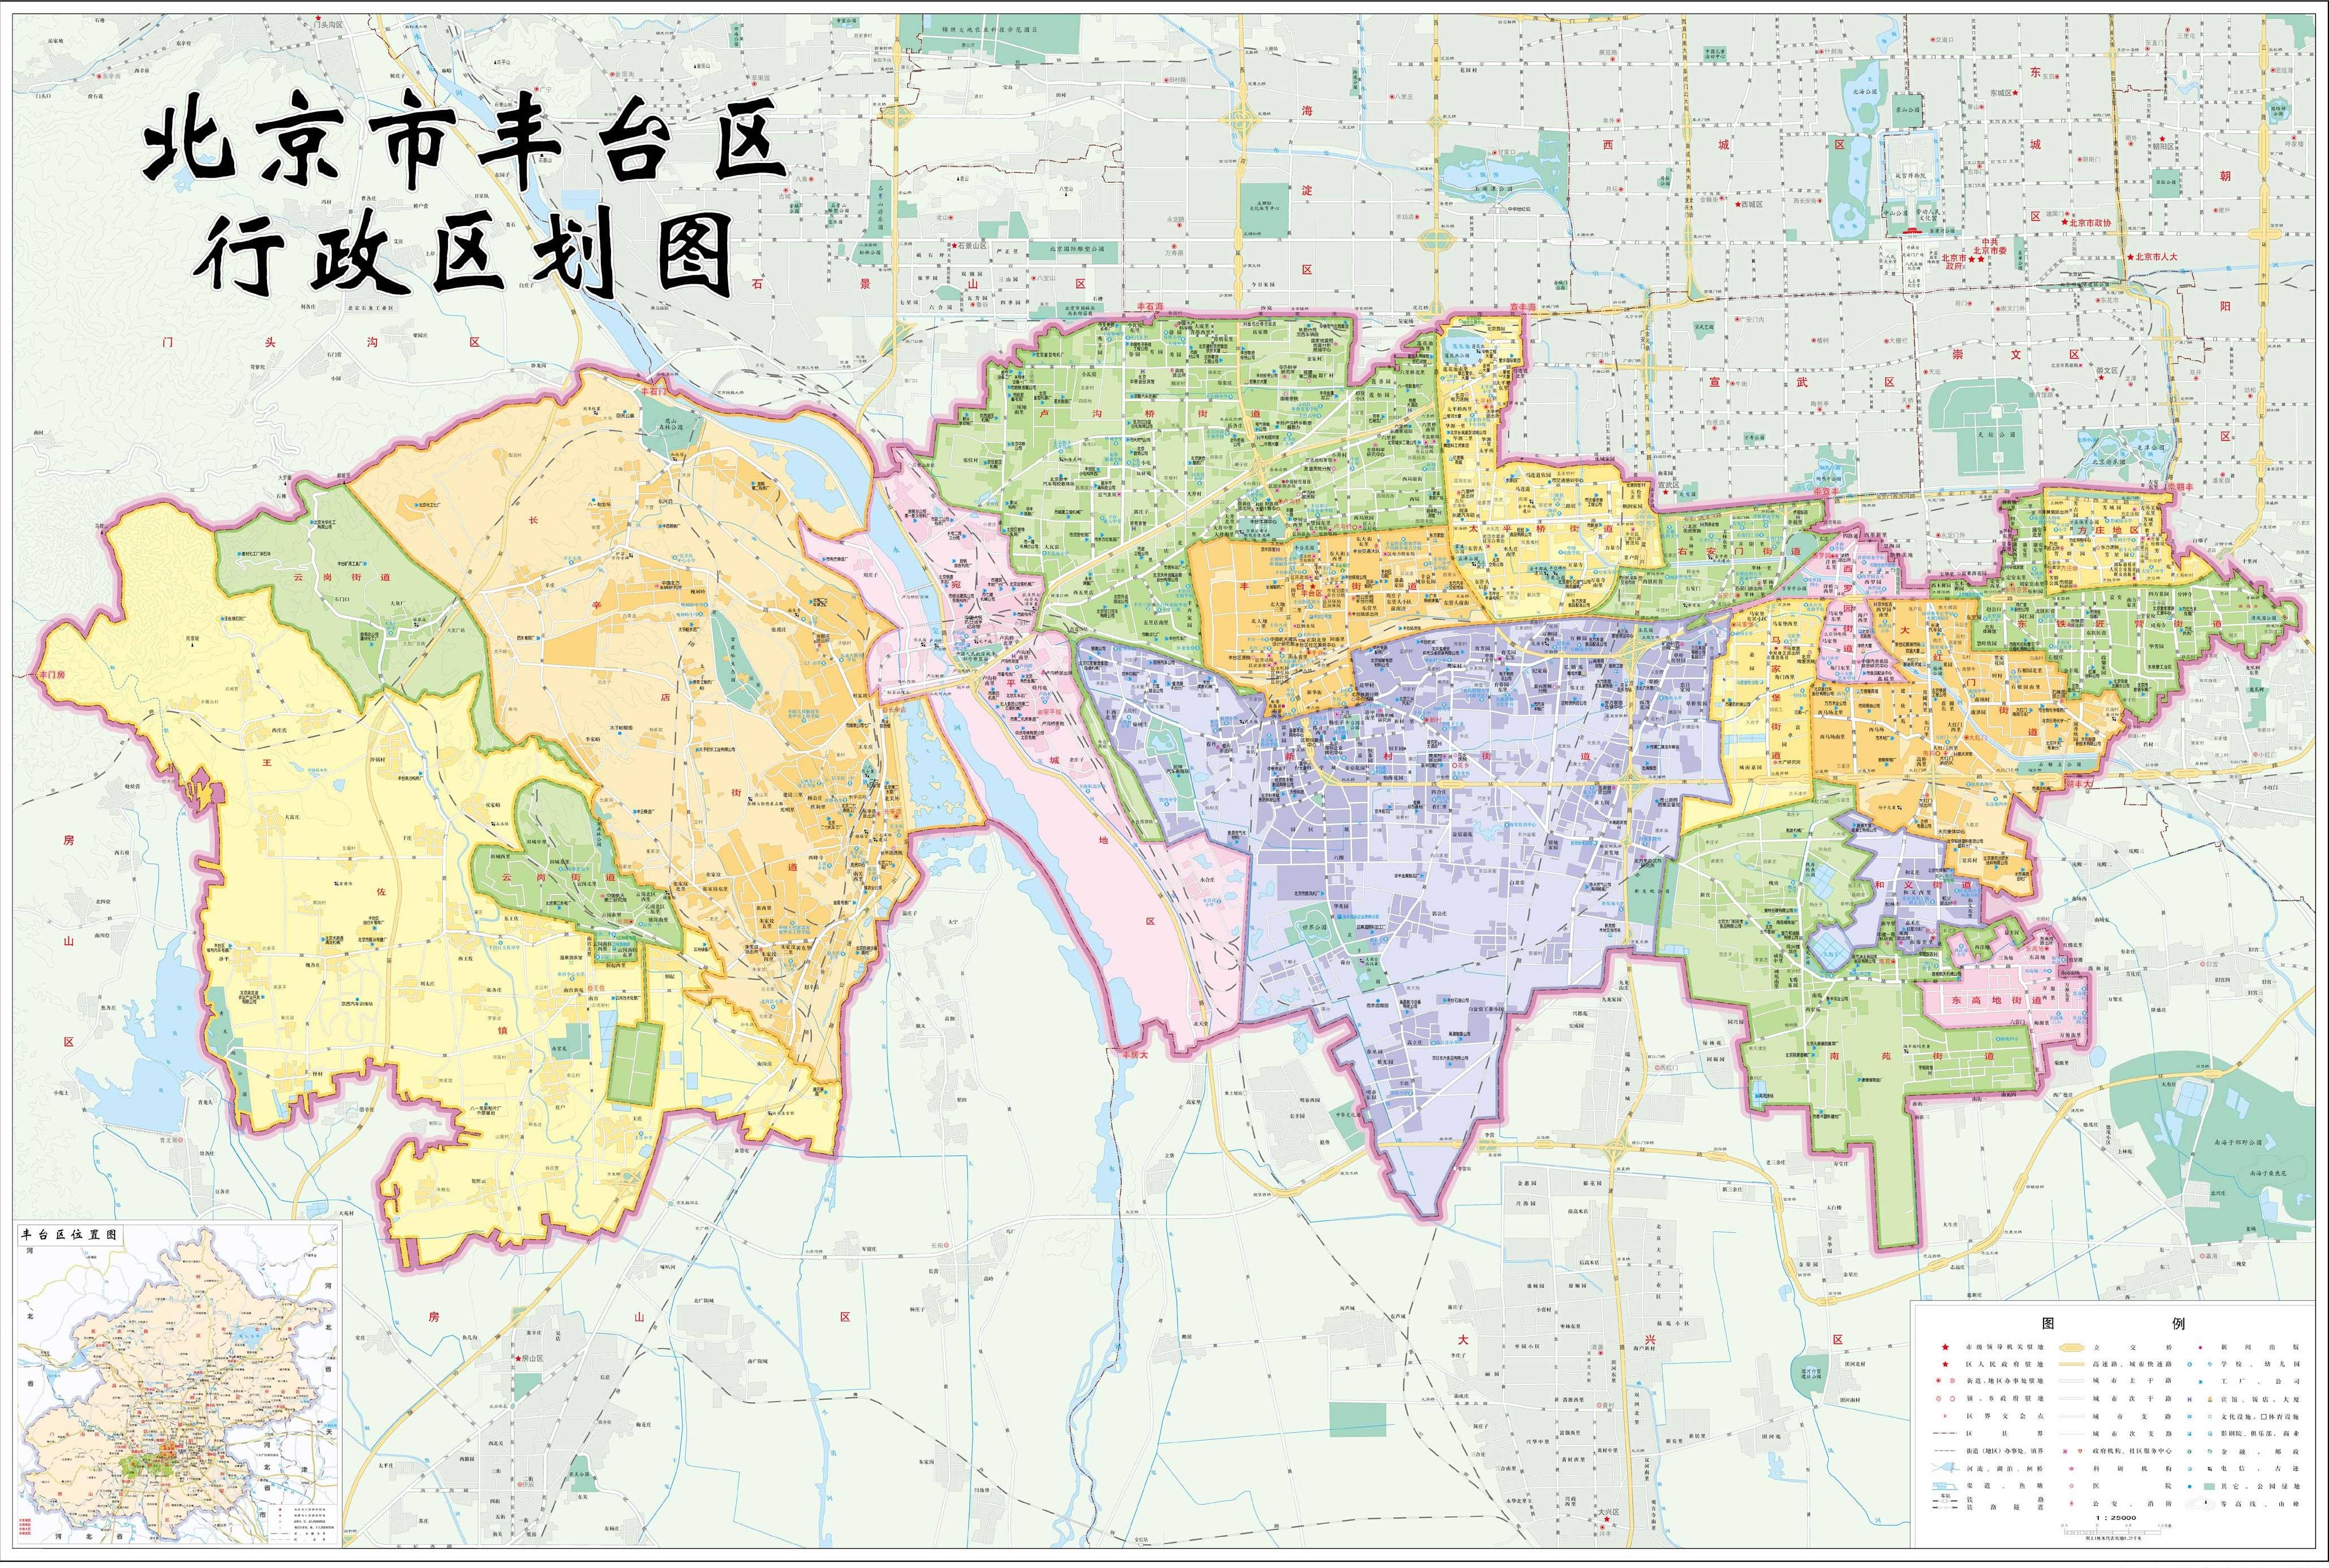 北京市海淀区行政区划图高清版